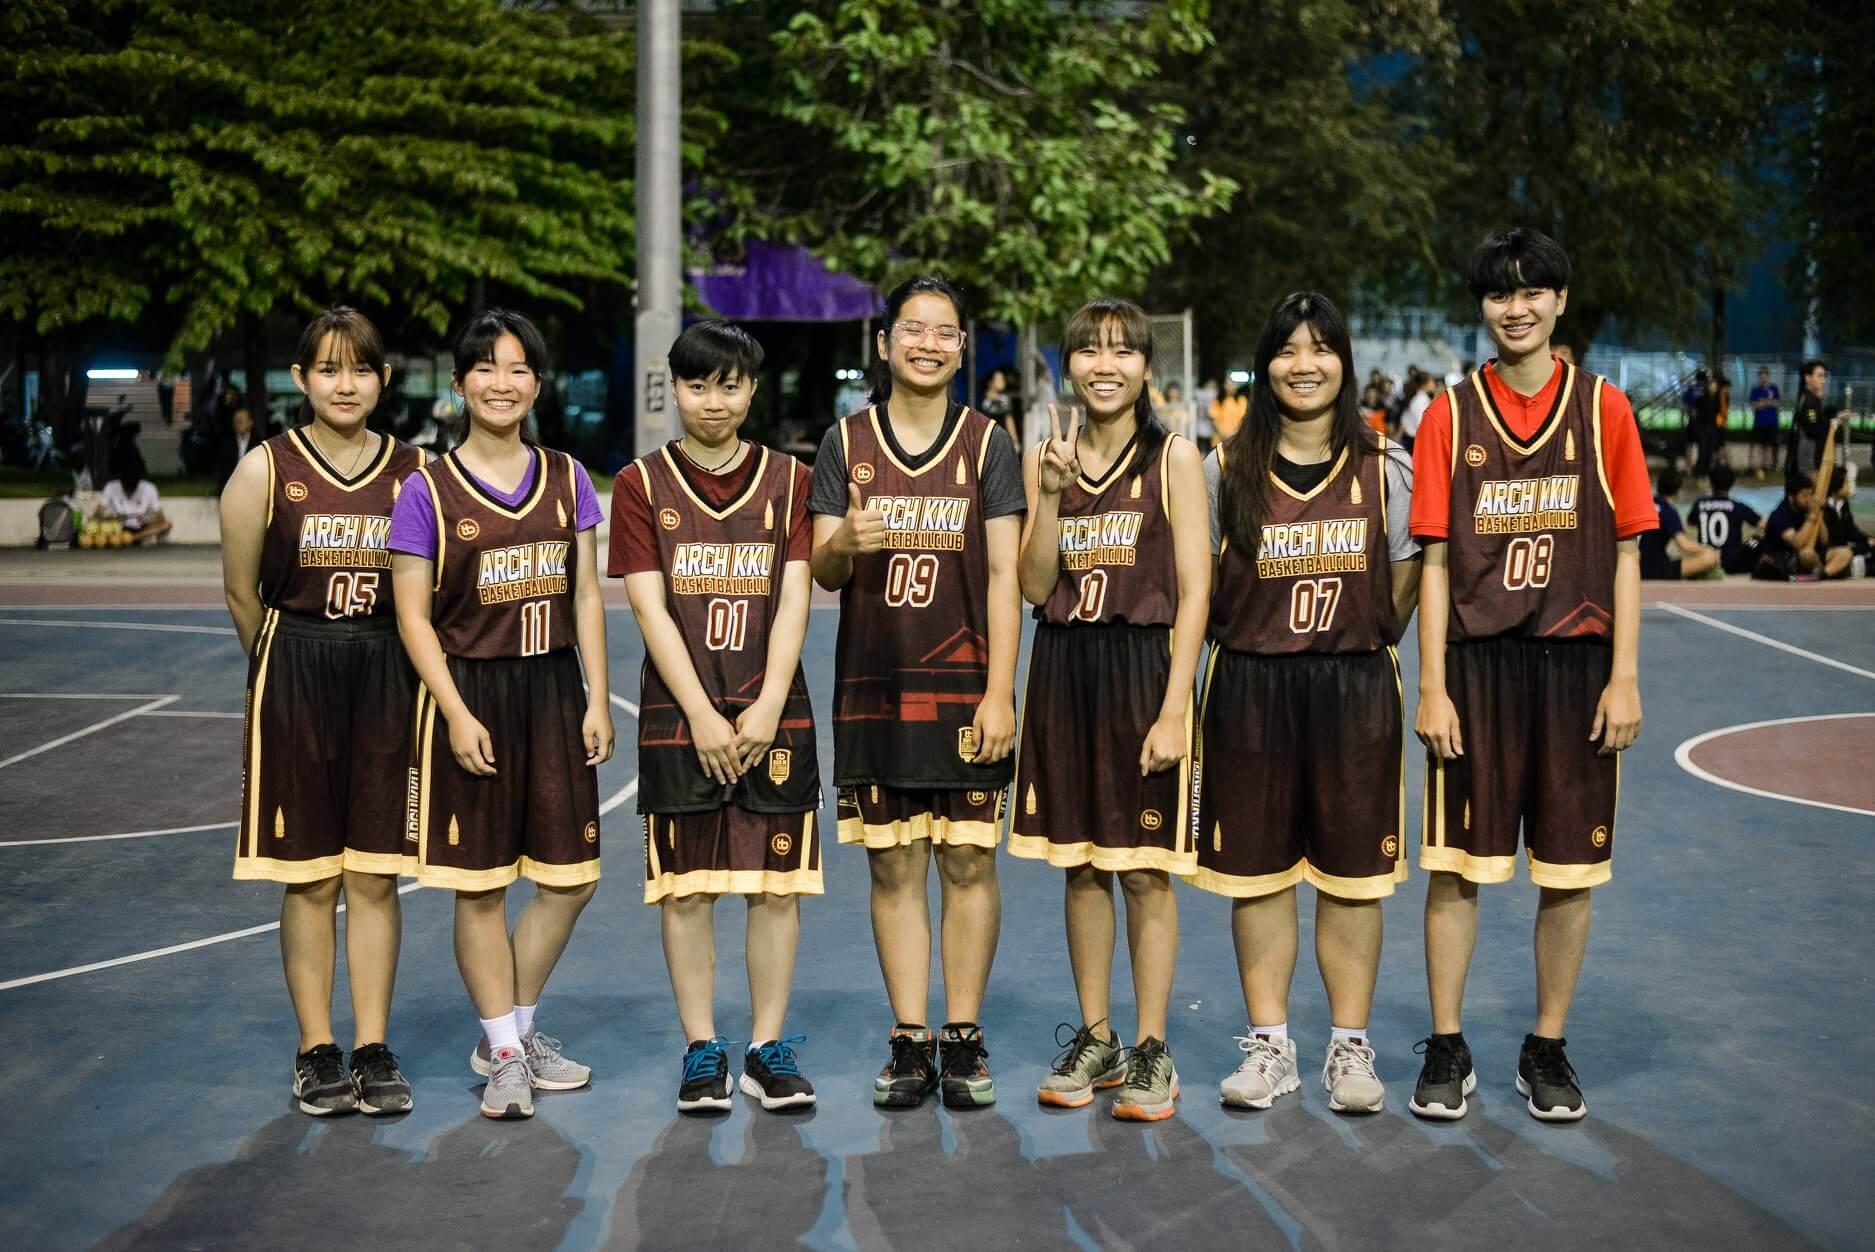 ตัดชุดบาส เสื้อบาสพิมพ์ลาย เสื้อบาสเกตบอล nba jersey ผลิตเสื้อกีฬา รีวิวลูกค้า เสื้อวอลเล่ย์ รีวิวเสื้อบาส ARCH KKU หญิง คณะสถาปัตยกรรมศาสตร์ มหาวิทยาลัยขอนแก่น